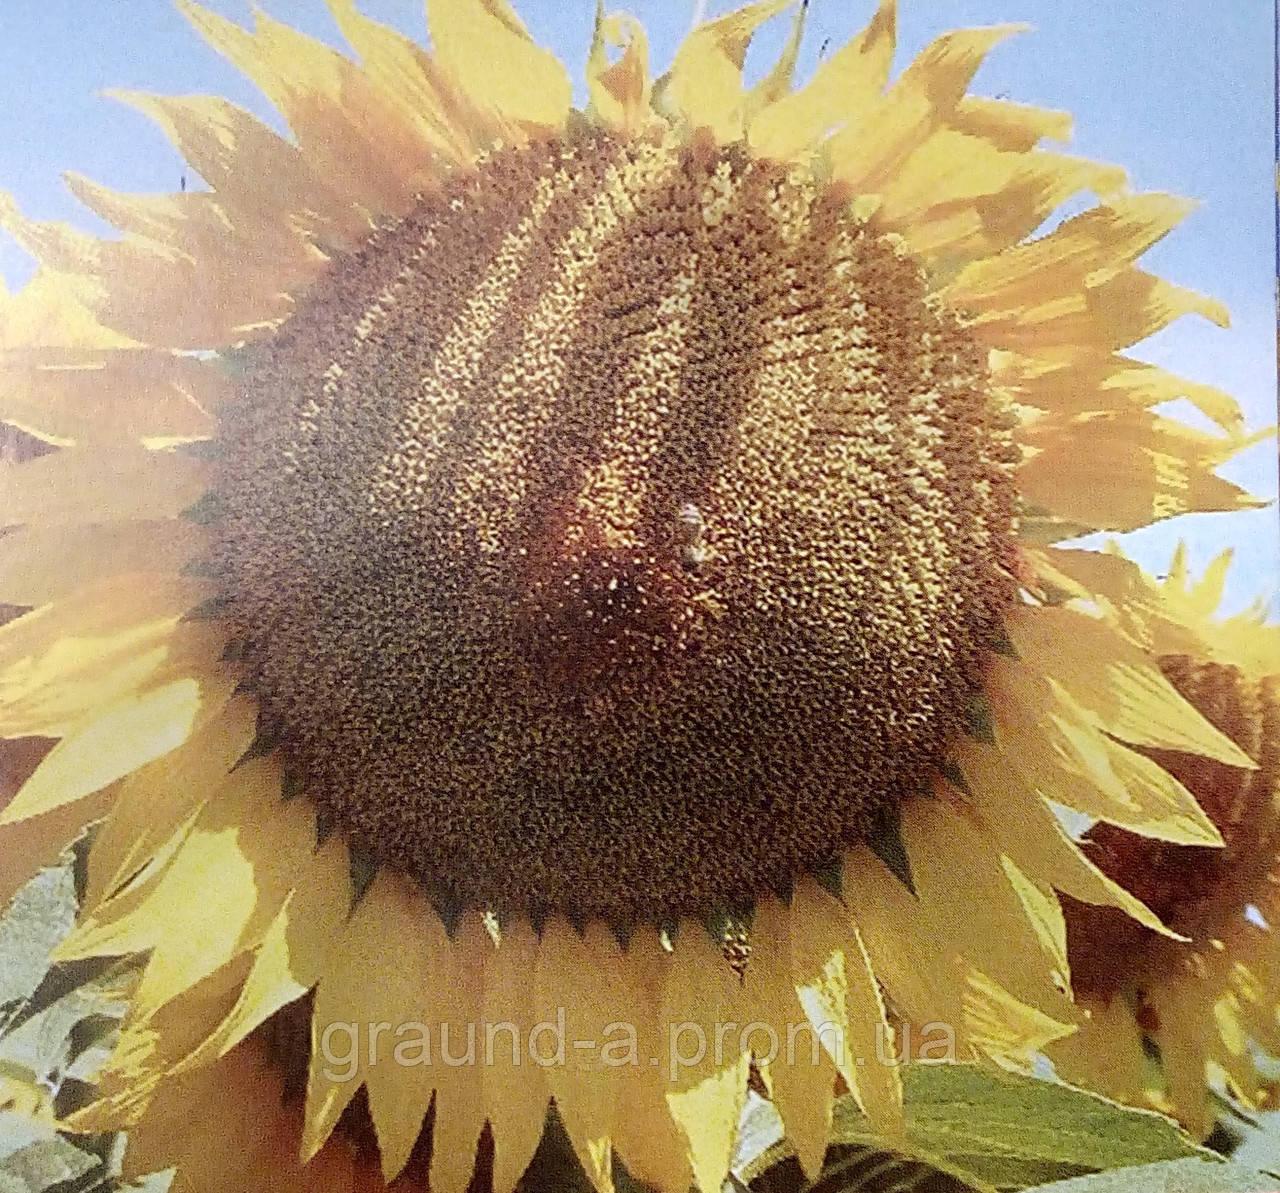 Подсолнух : когда и как собирать семена подсолнечника 65